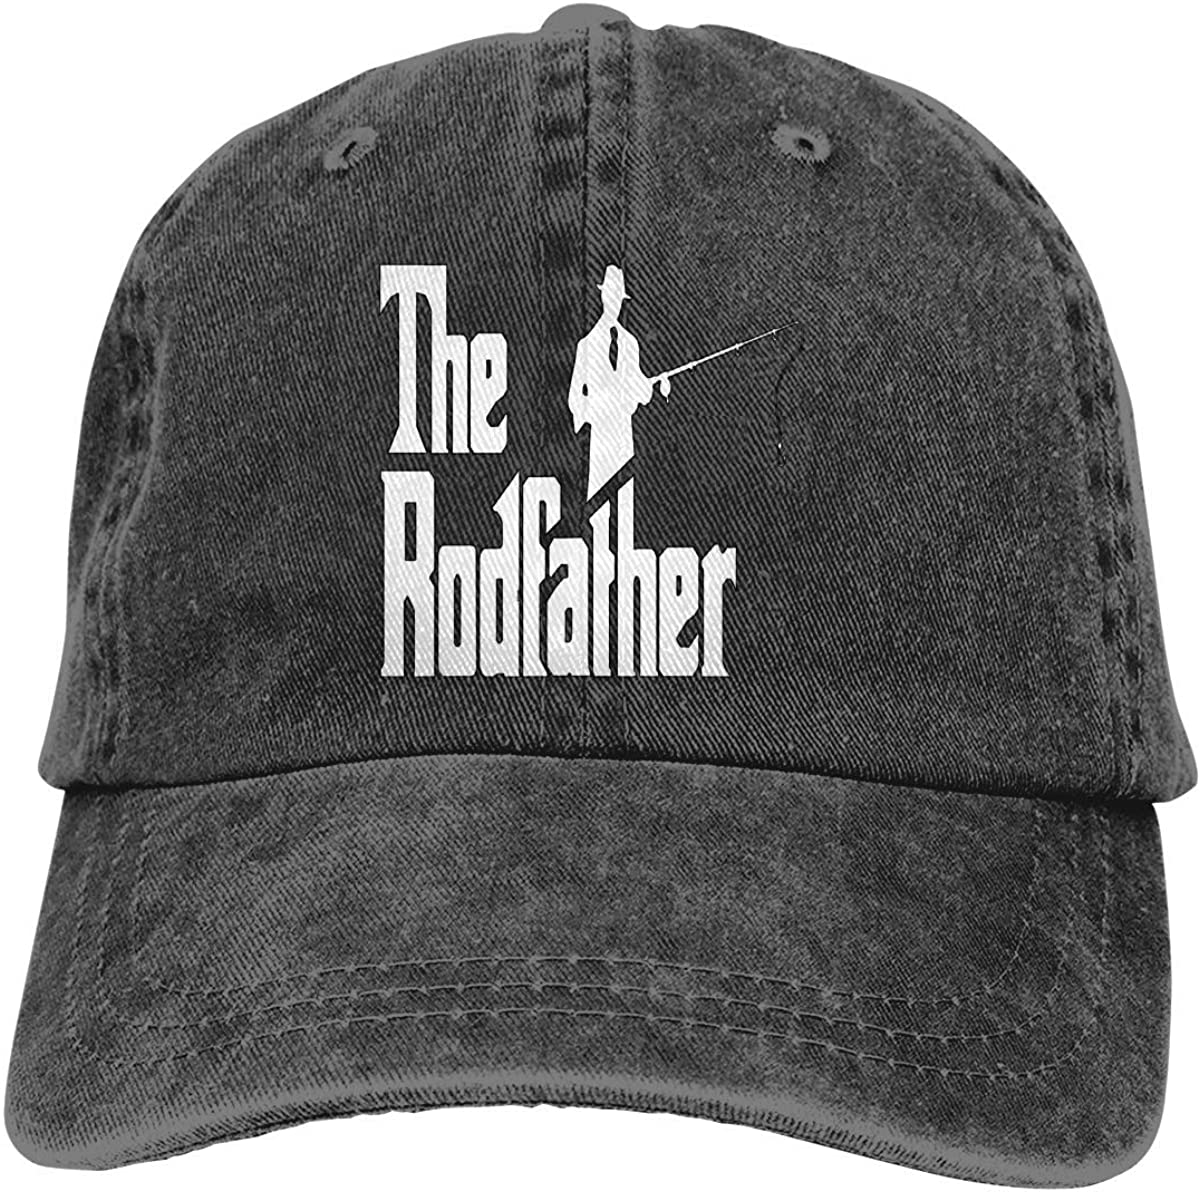 RFTGB Gorras Unisex Accesorios Sombreros Gorras de béisbol Sombreros de Vaquero The Rodfather Funny Fishing Denim Baseball Cap, Unisex Vintage Dad Hat, Golf Hats, Adjustable Plain Cap